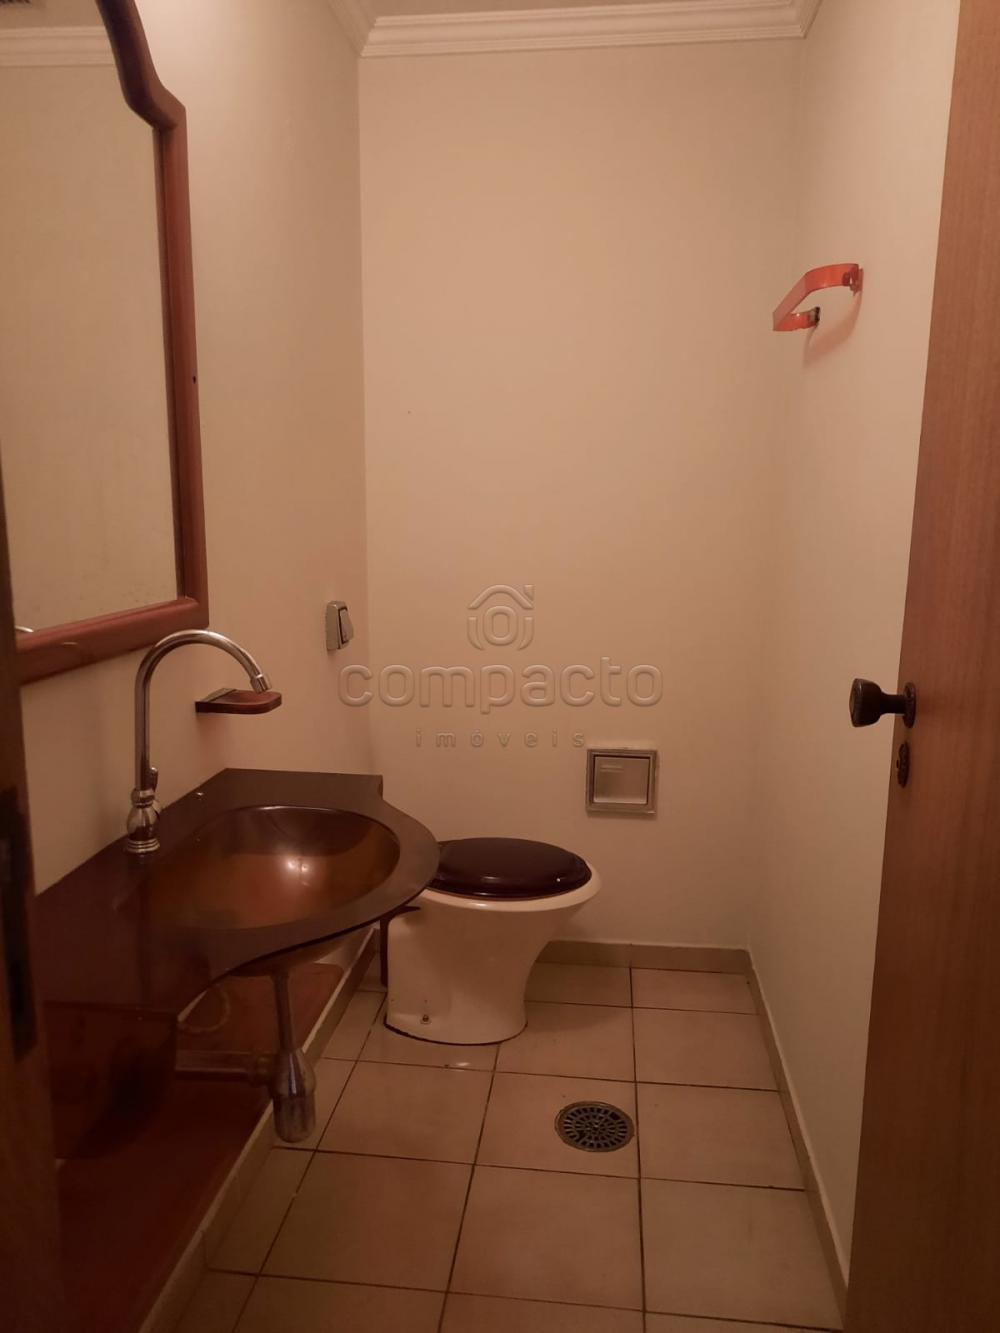 Alugar Apartamento / Padrão em São José do Rio Preto R$ 2.000,00 - Foto 6